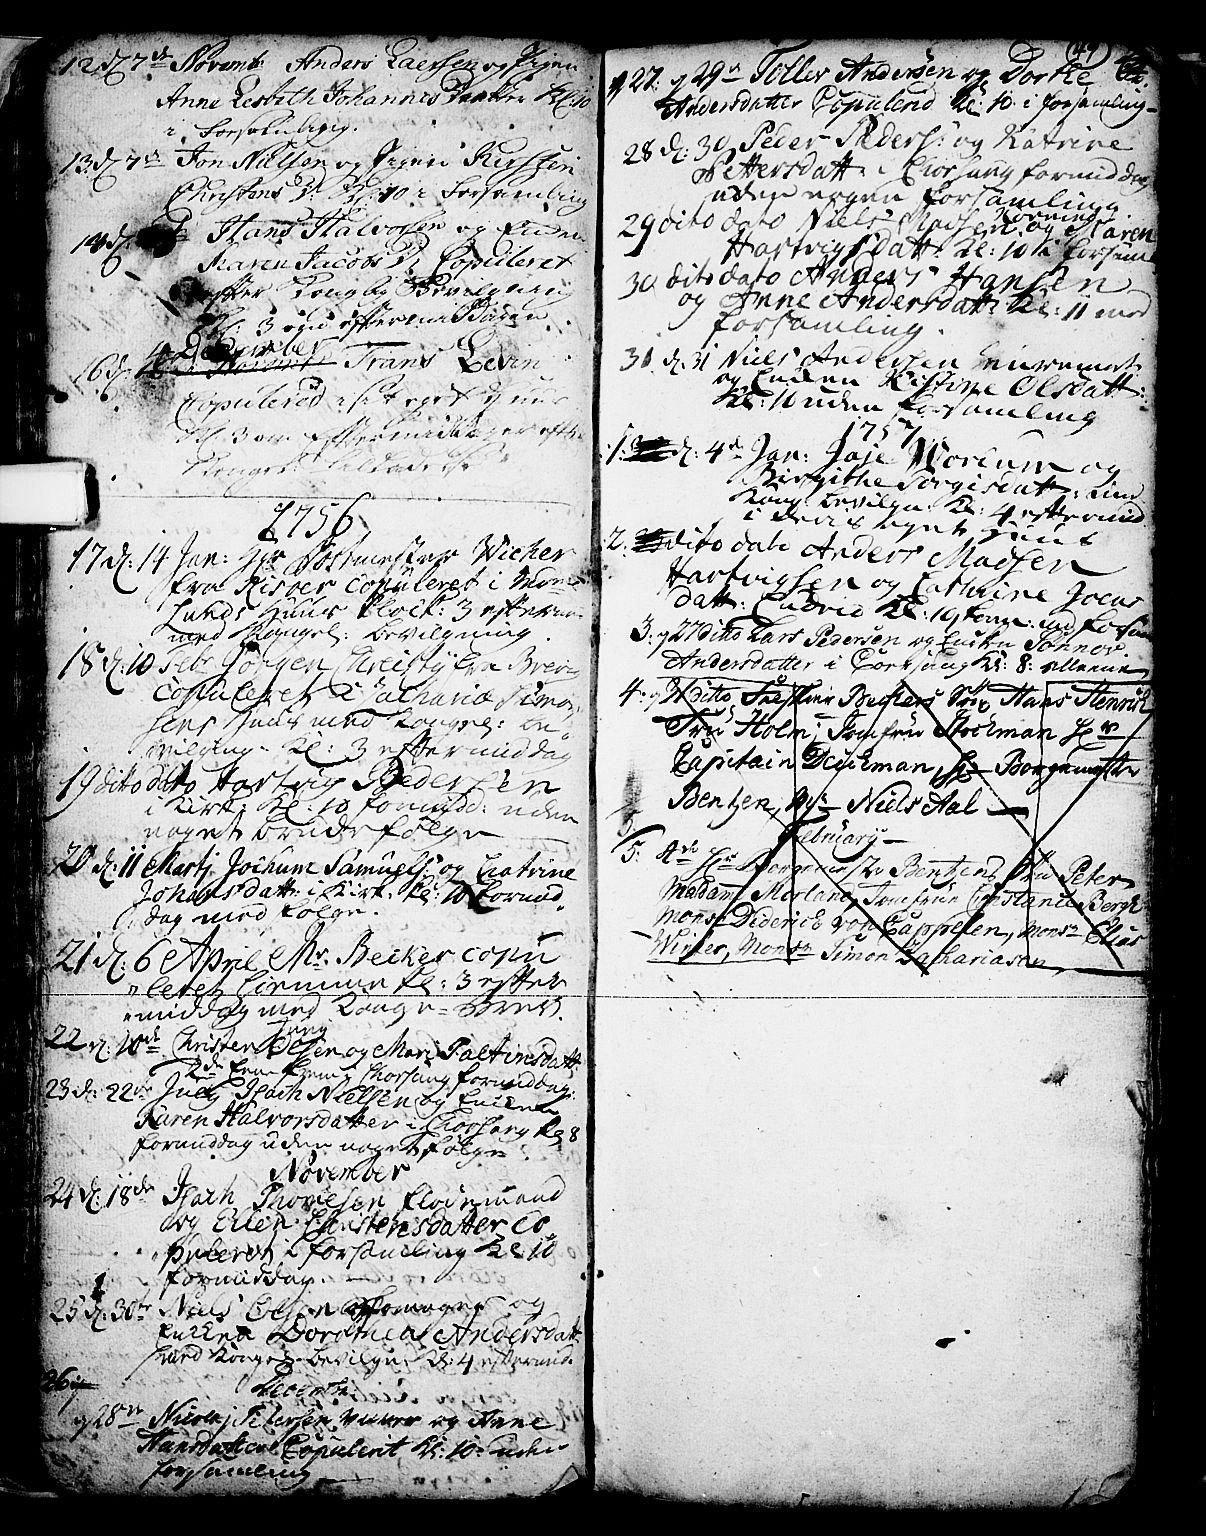 SAKO, Skien kirkebøker, F/Fa/L0002: Ministerialbok nr. 2, 1716-1757, s. 49